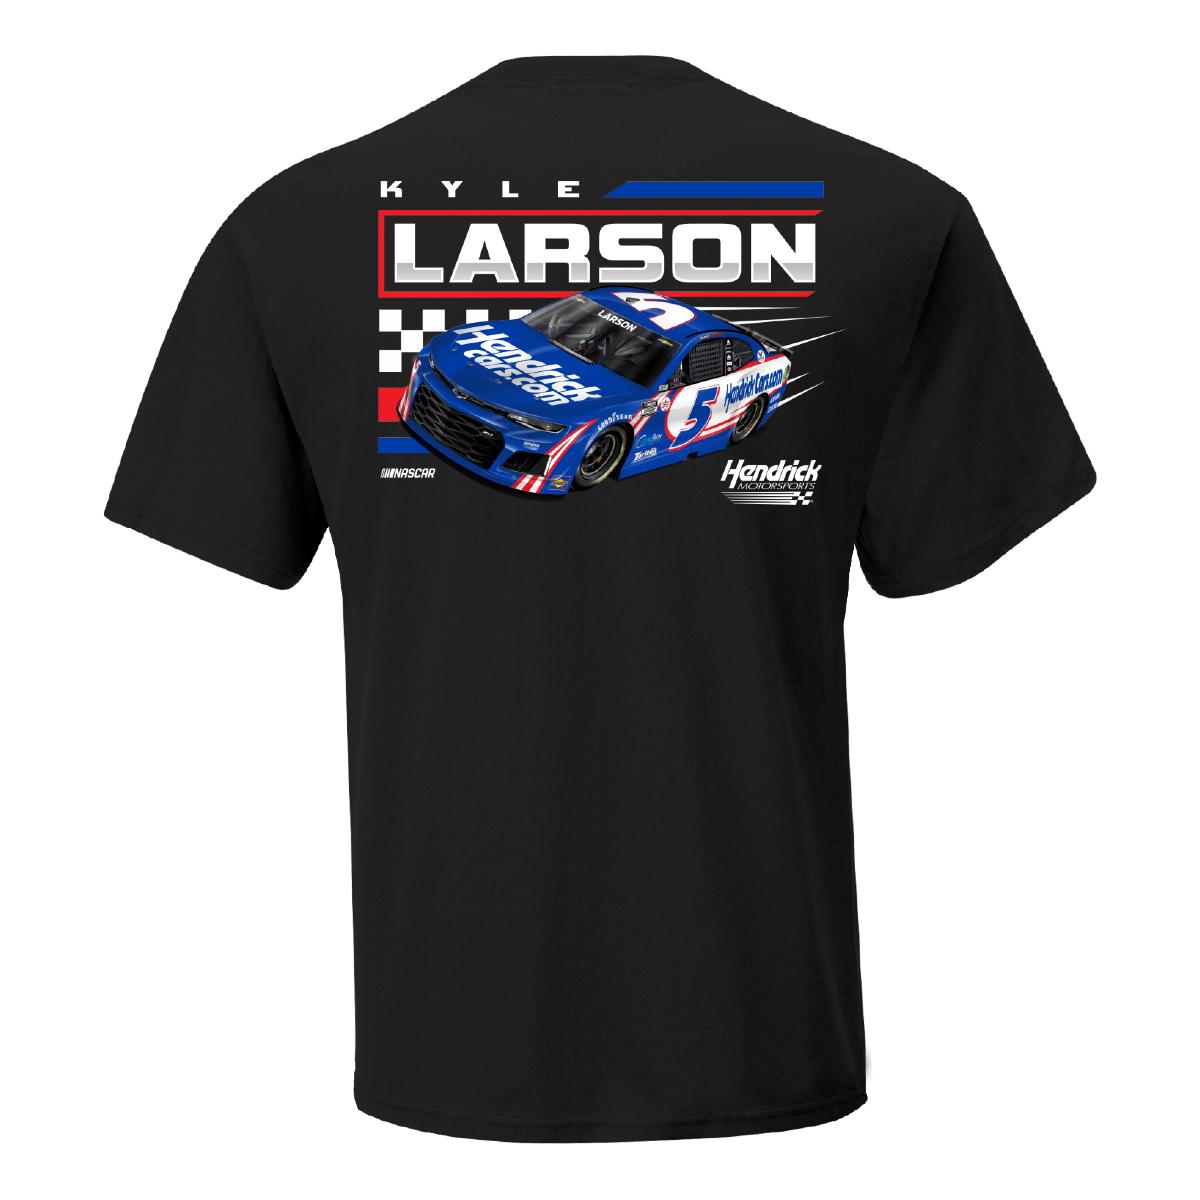 Kyle Larson 2-spot Spoiler Car T-shirt